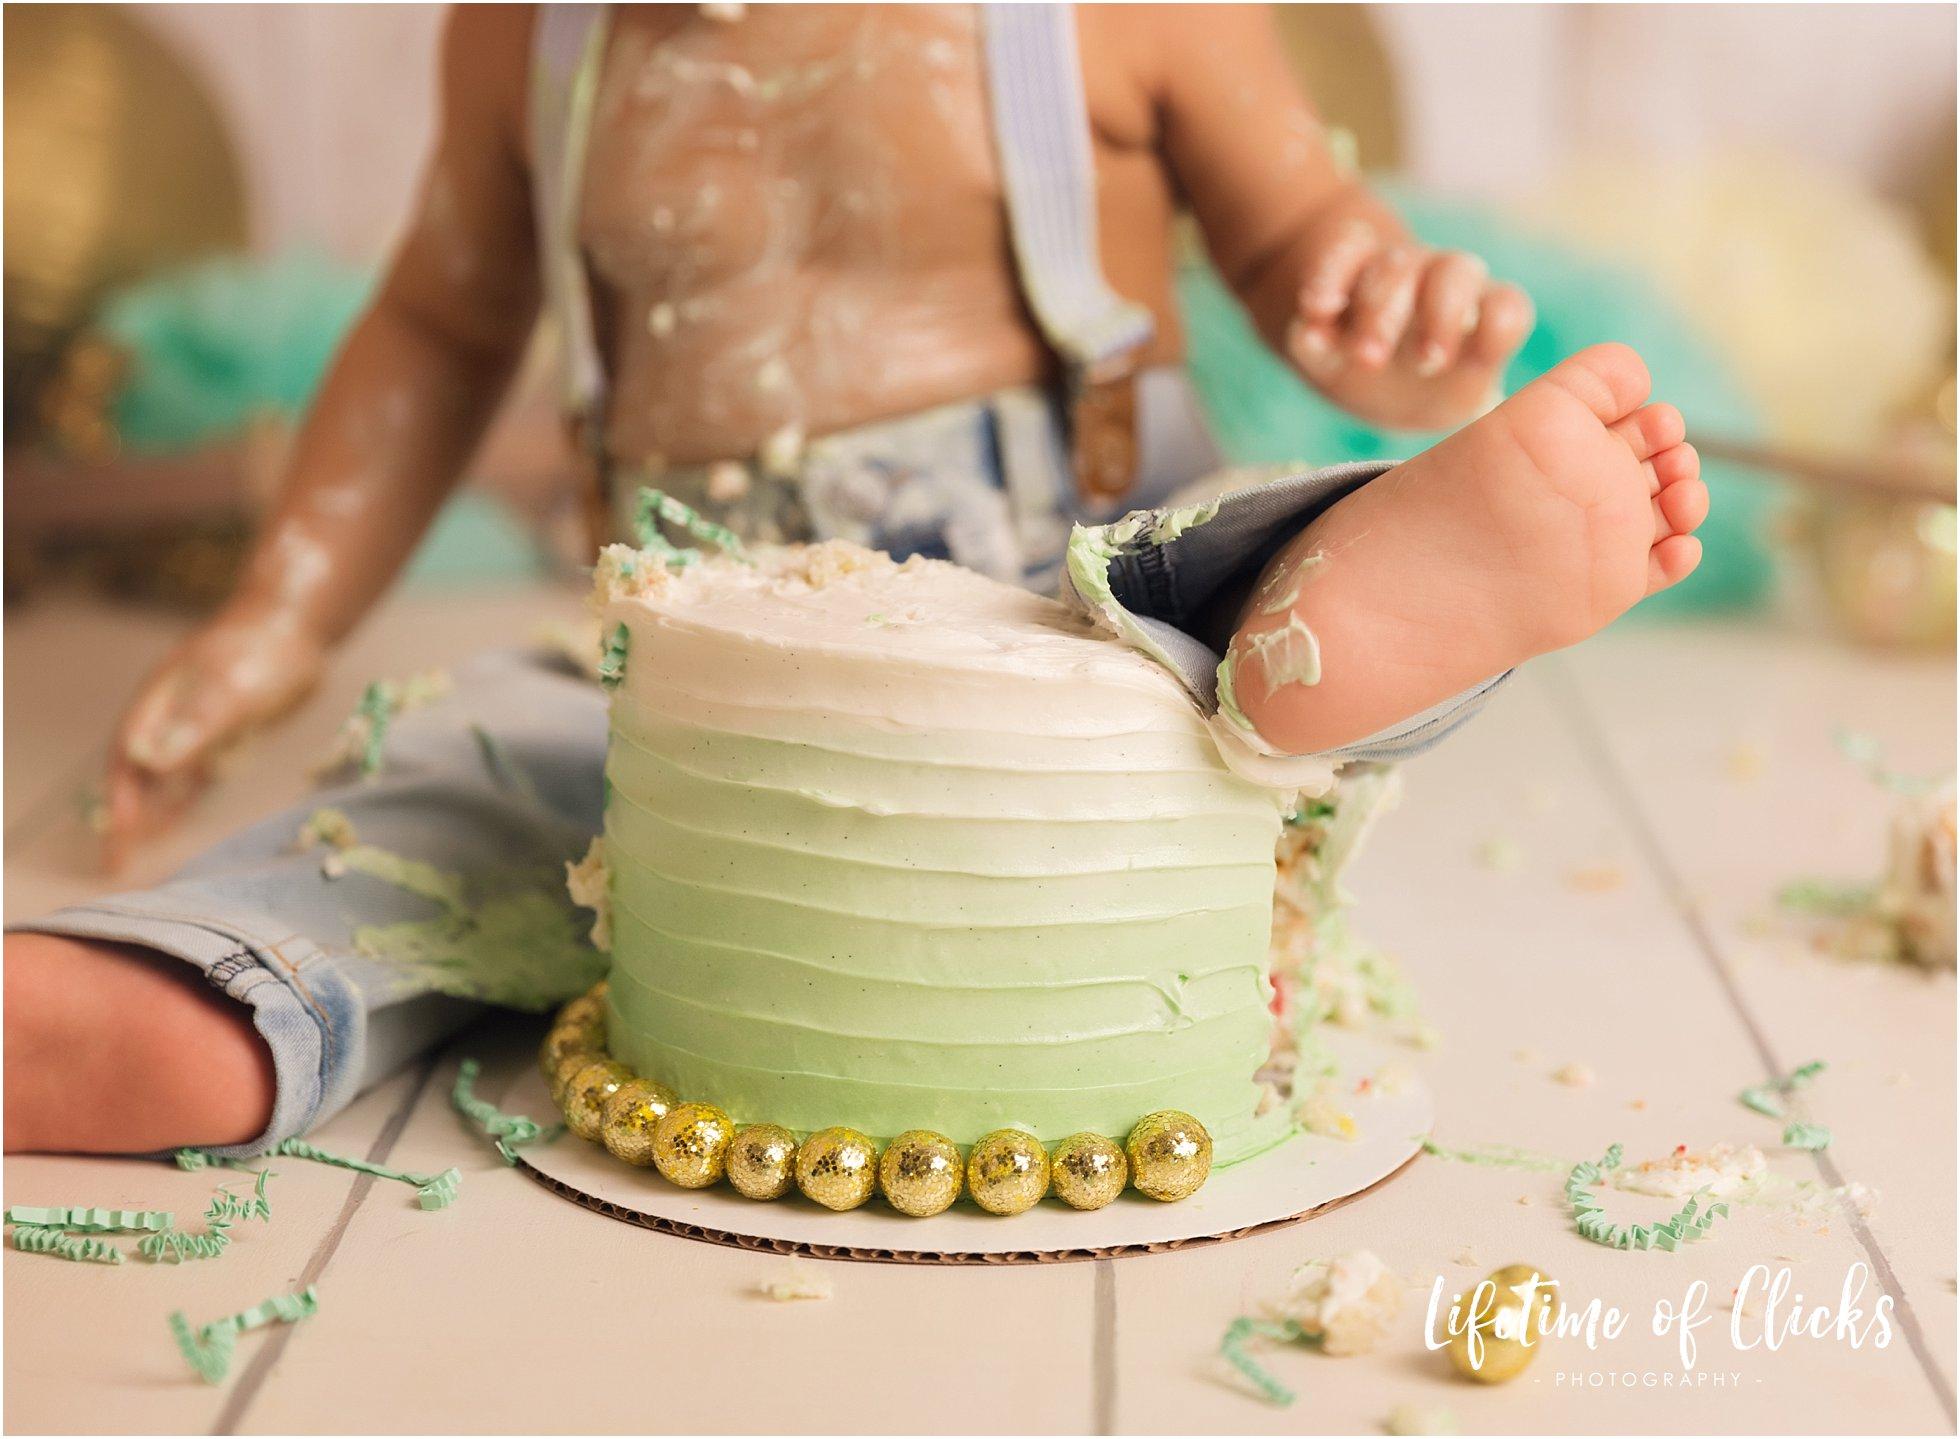 Photo of little feet and custom-designed birthday cake at Houston Cake Smash Session